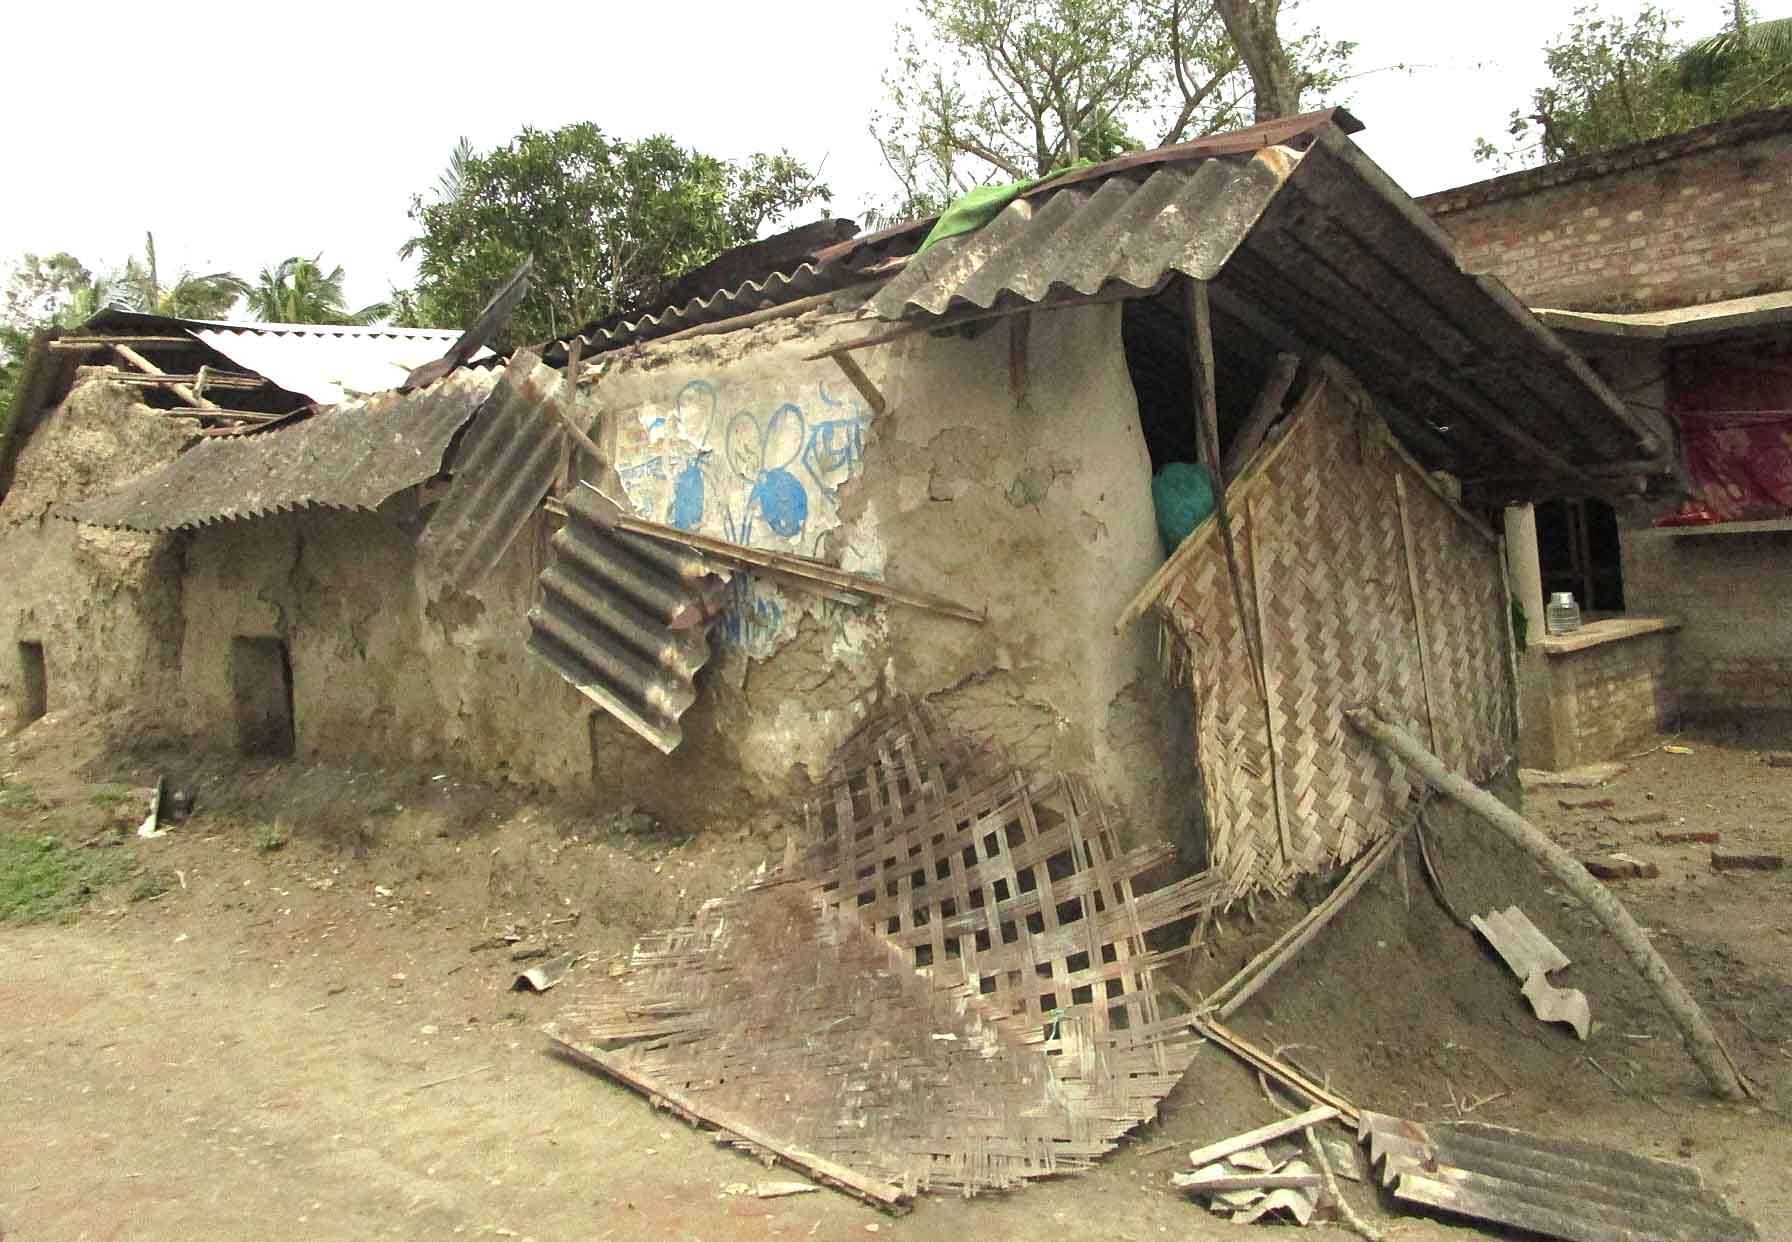 Husets tag er ødelagt